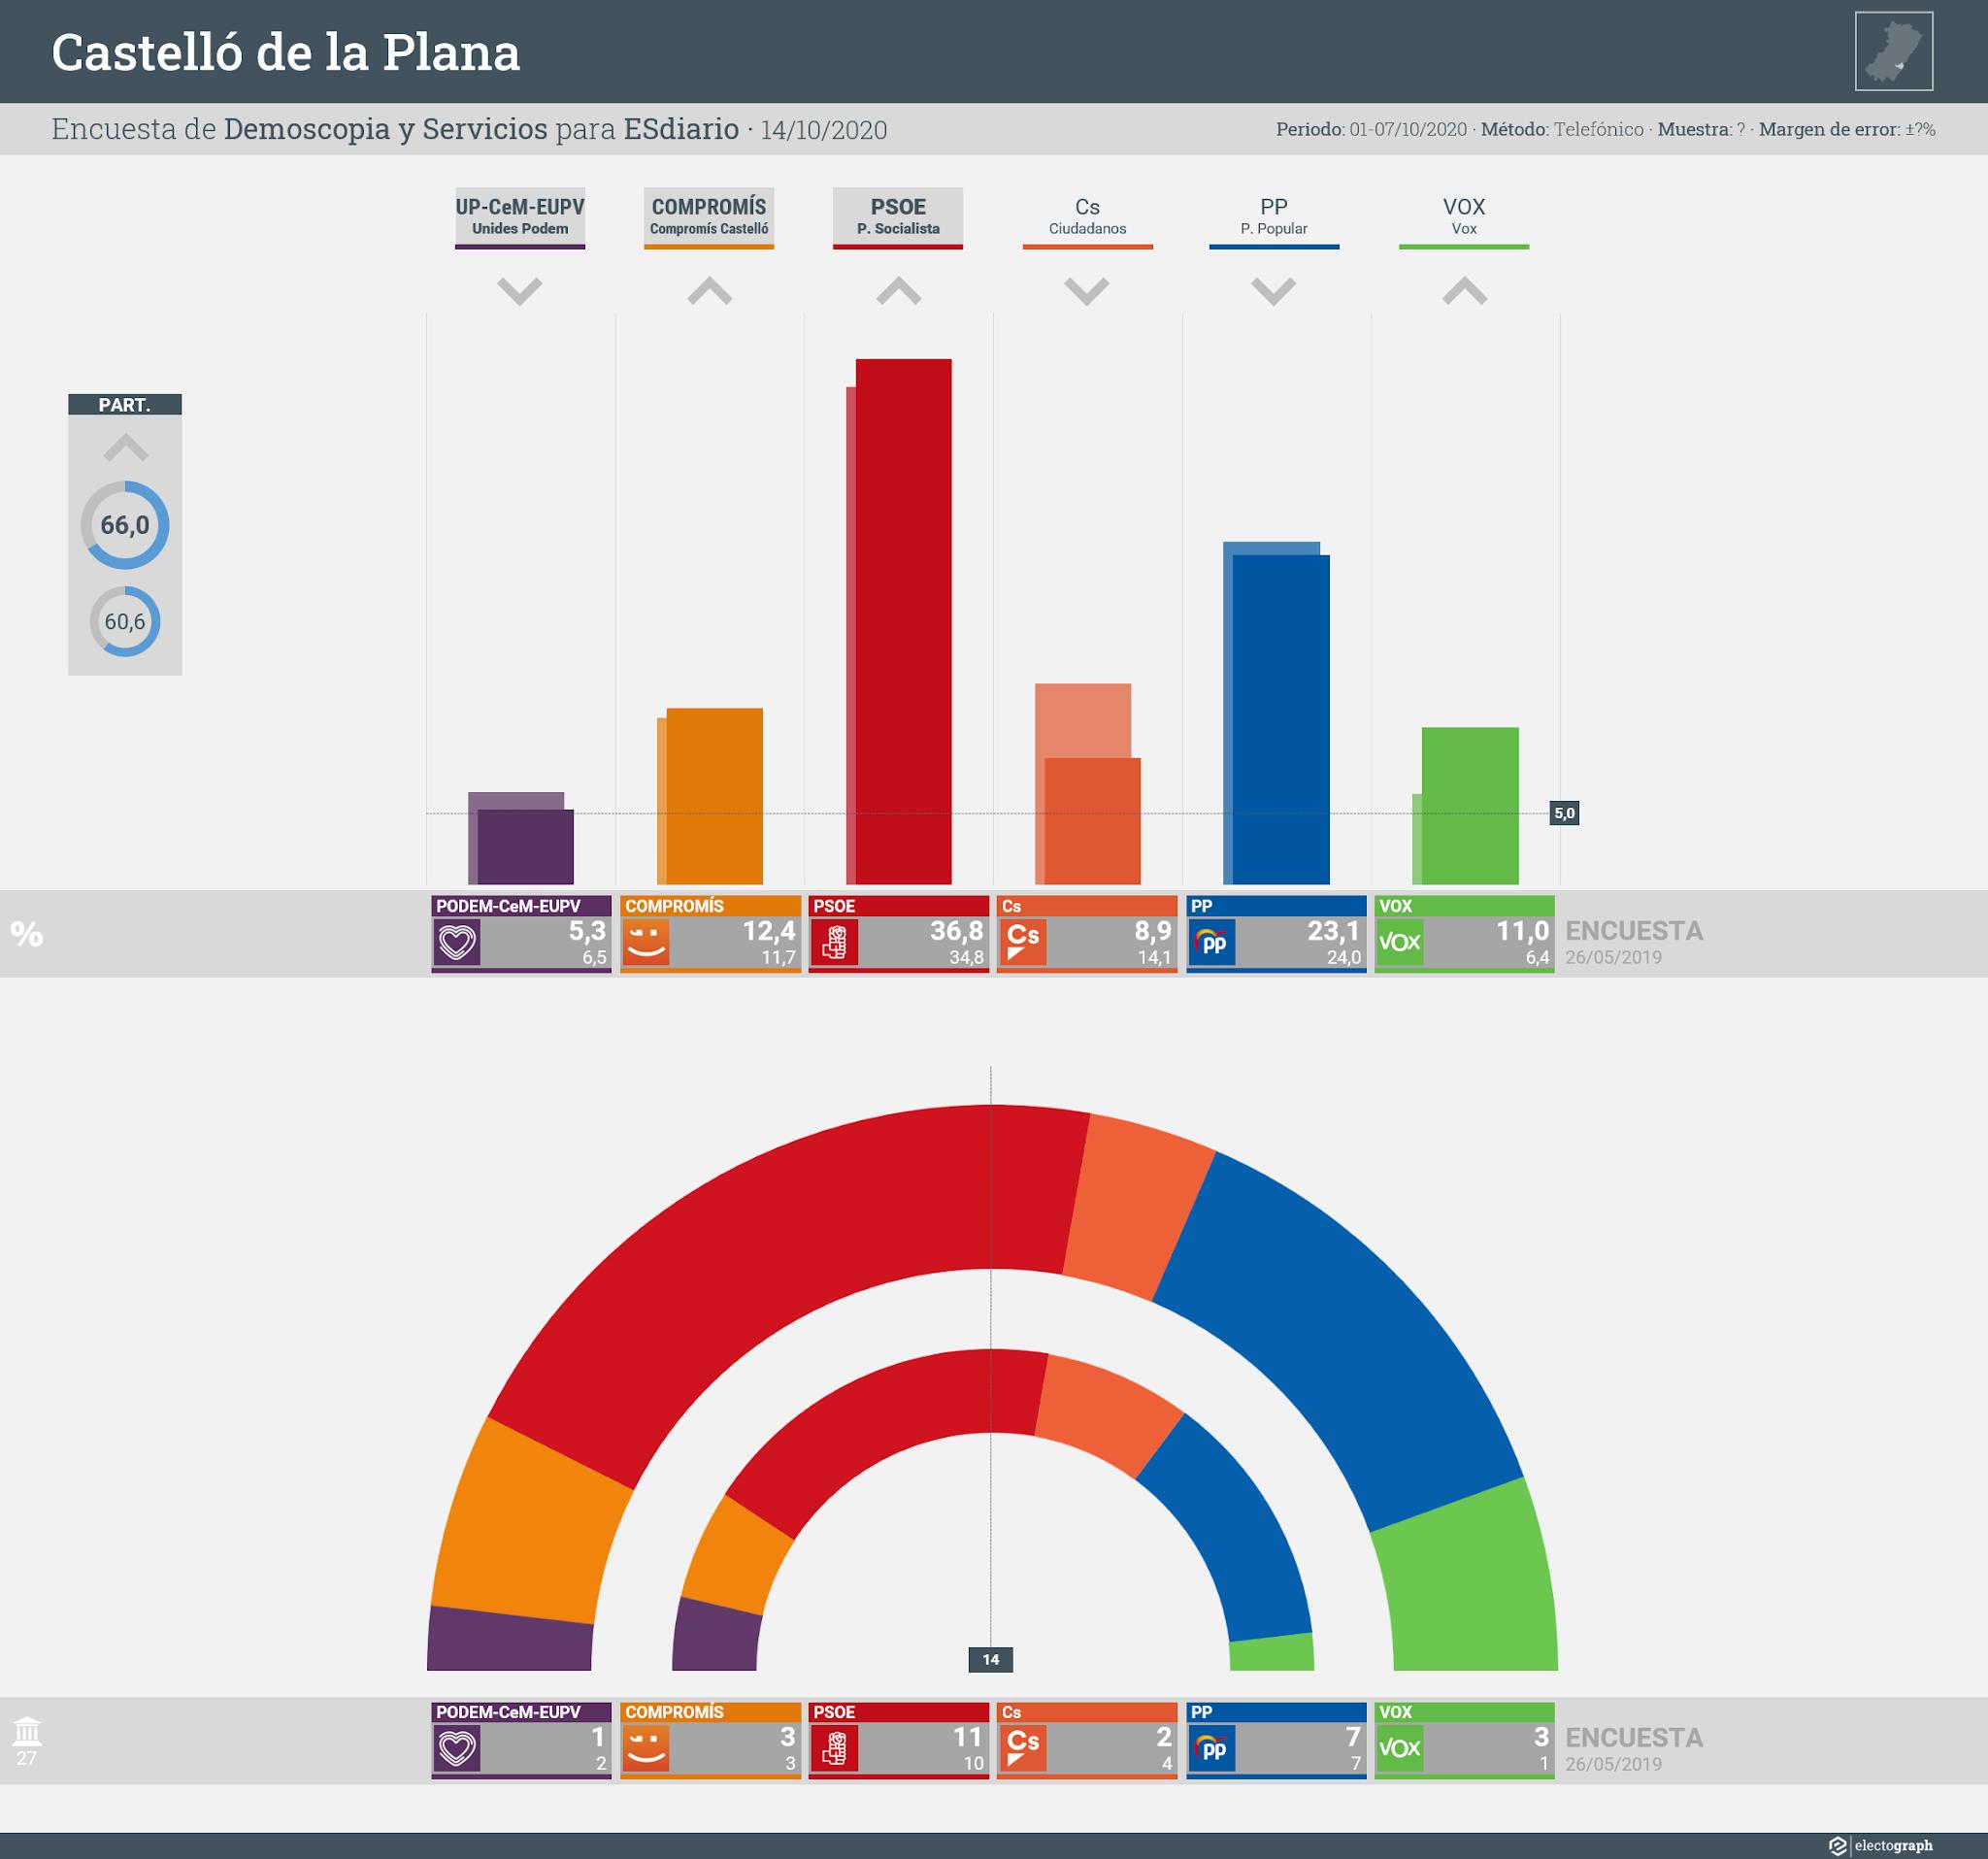 Gráfico de la encuesta para elecciones municipales en Castelló de la Plana realizada por Demoscopia y Servicios para ESdiario, 14 de octubre de 2020